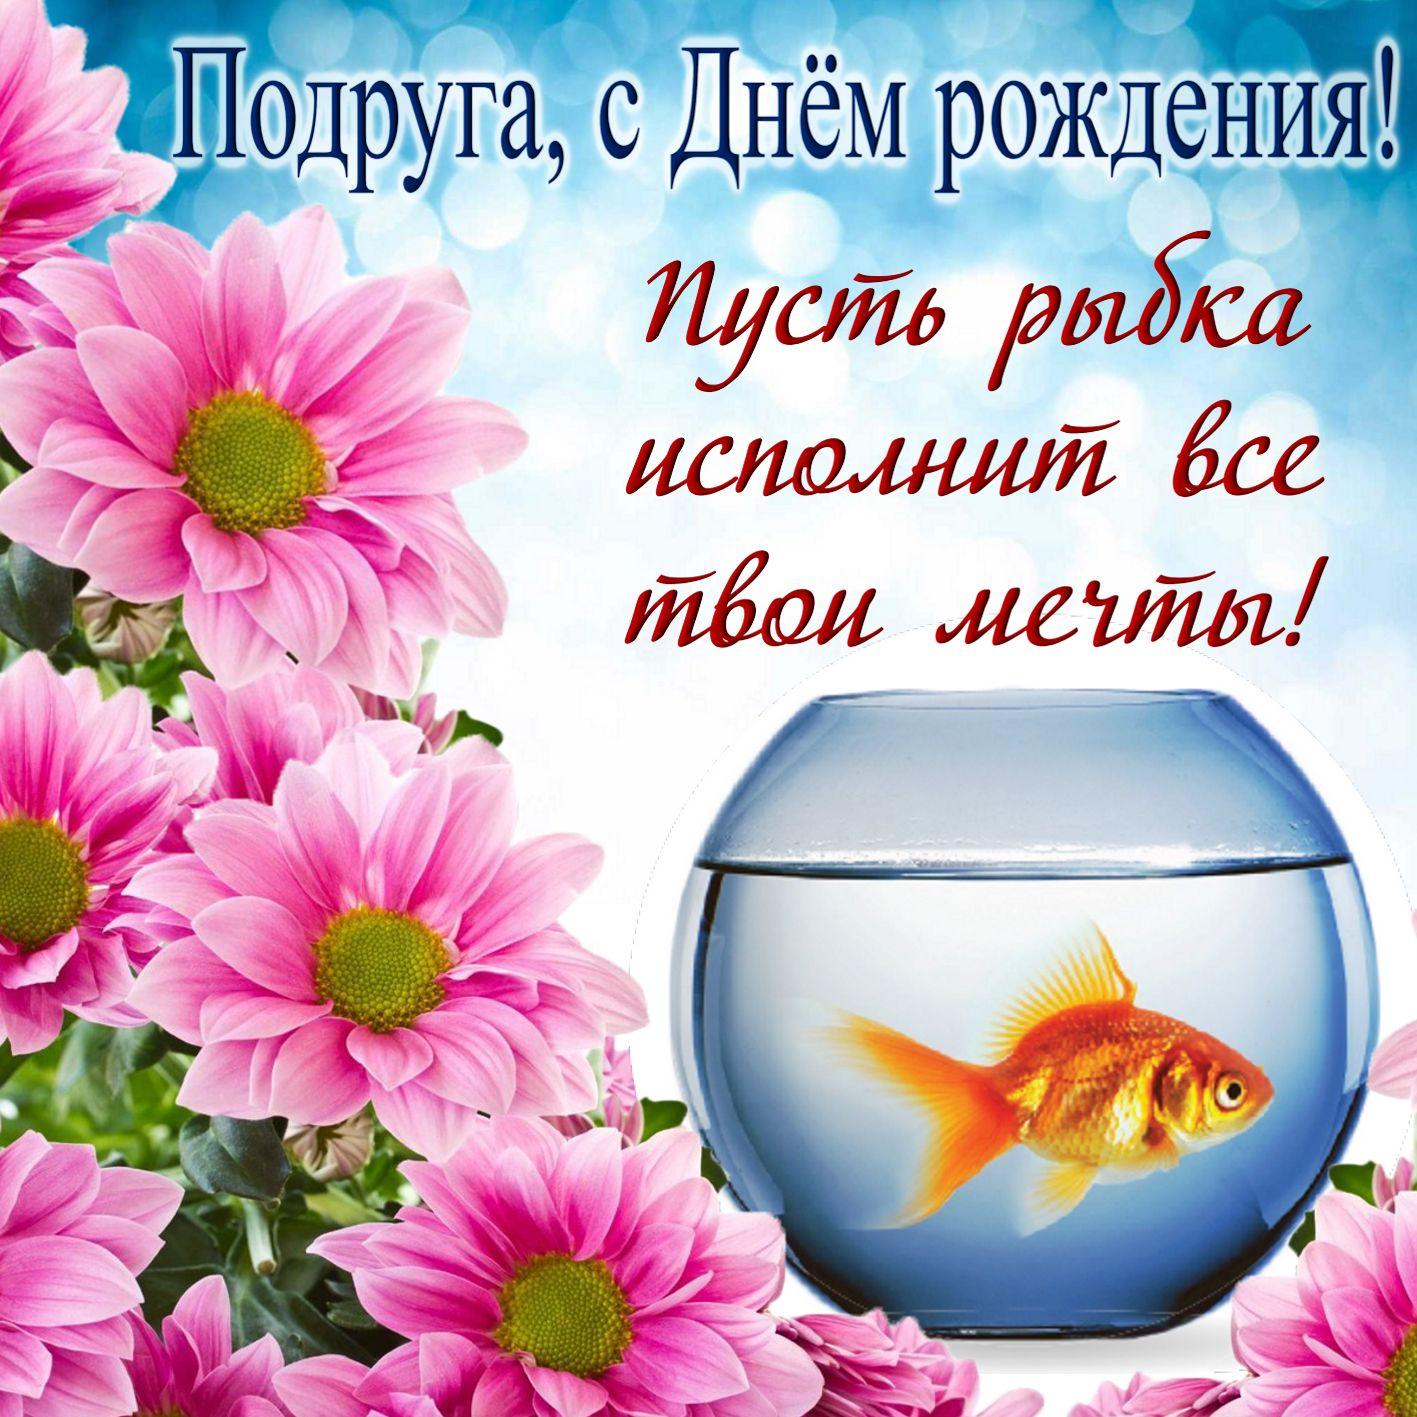 Открытка с Днём рождения подруге - золотая рыбка на фоне розовых цветов